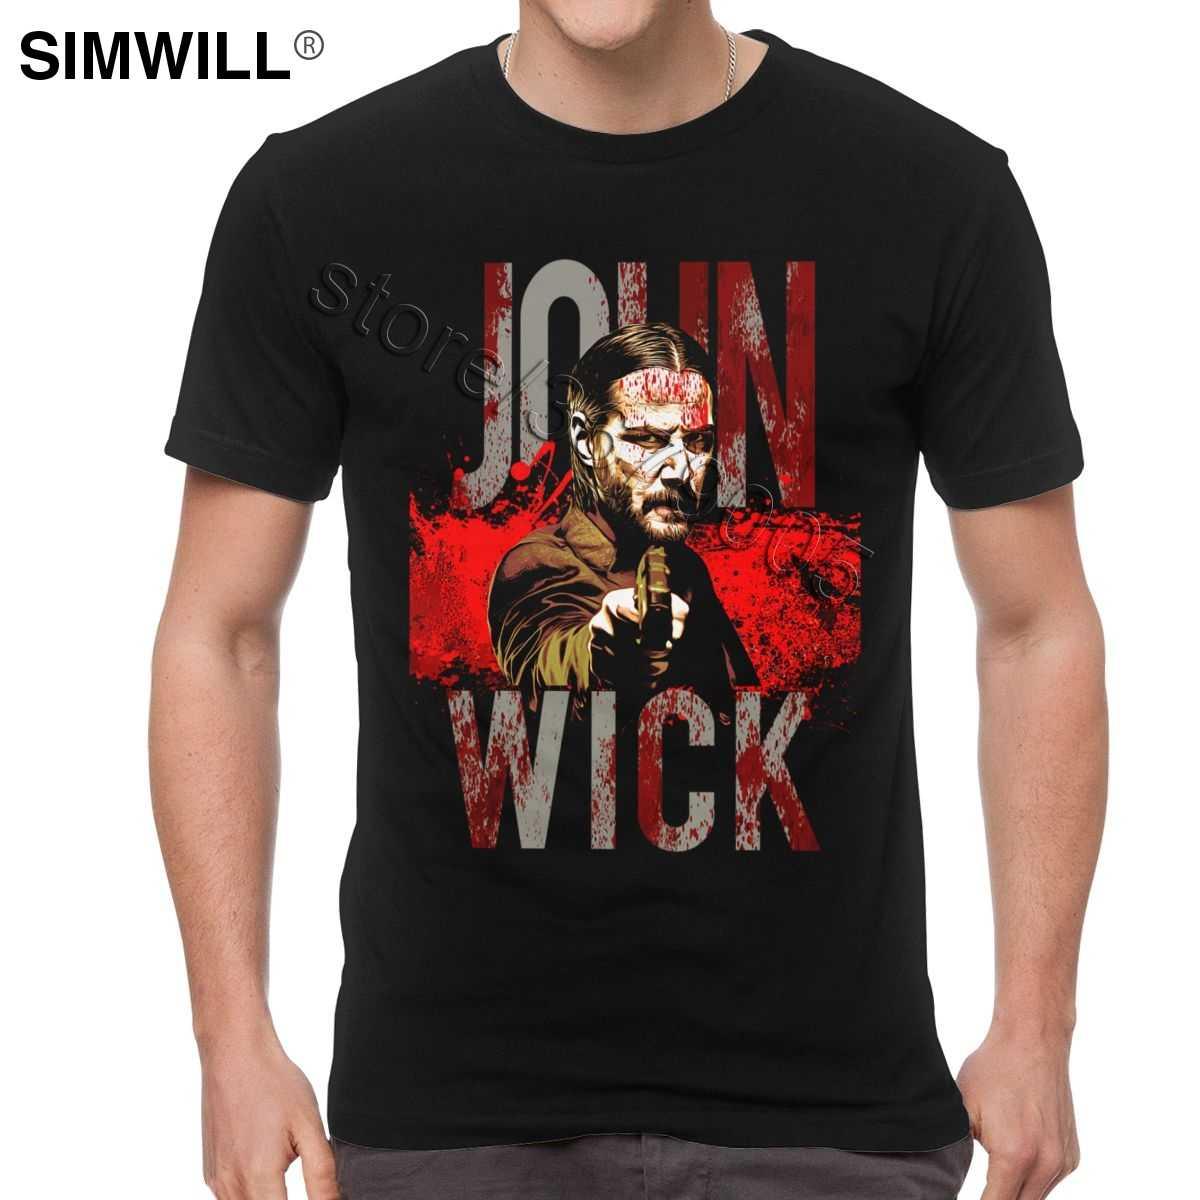 Keren John Wick T-shirt Fashion Desain Film Thriller Aksi T Shirt Lengan Pendek 100% Cotton Tee Trendi Penggemar Atasan Pakaian